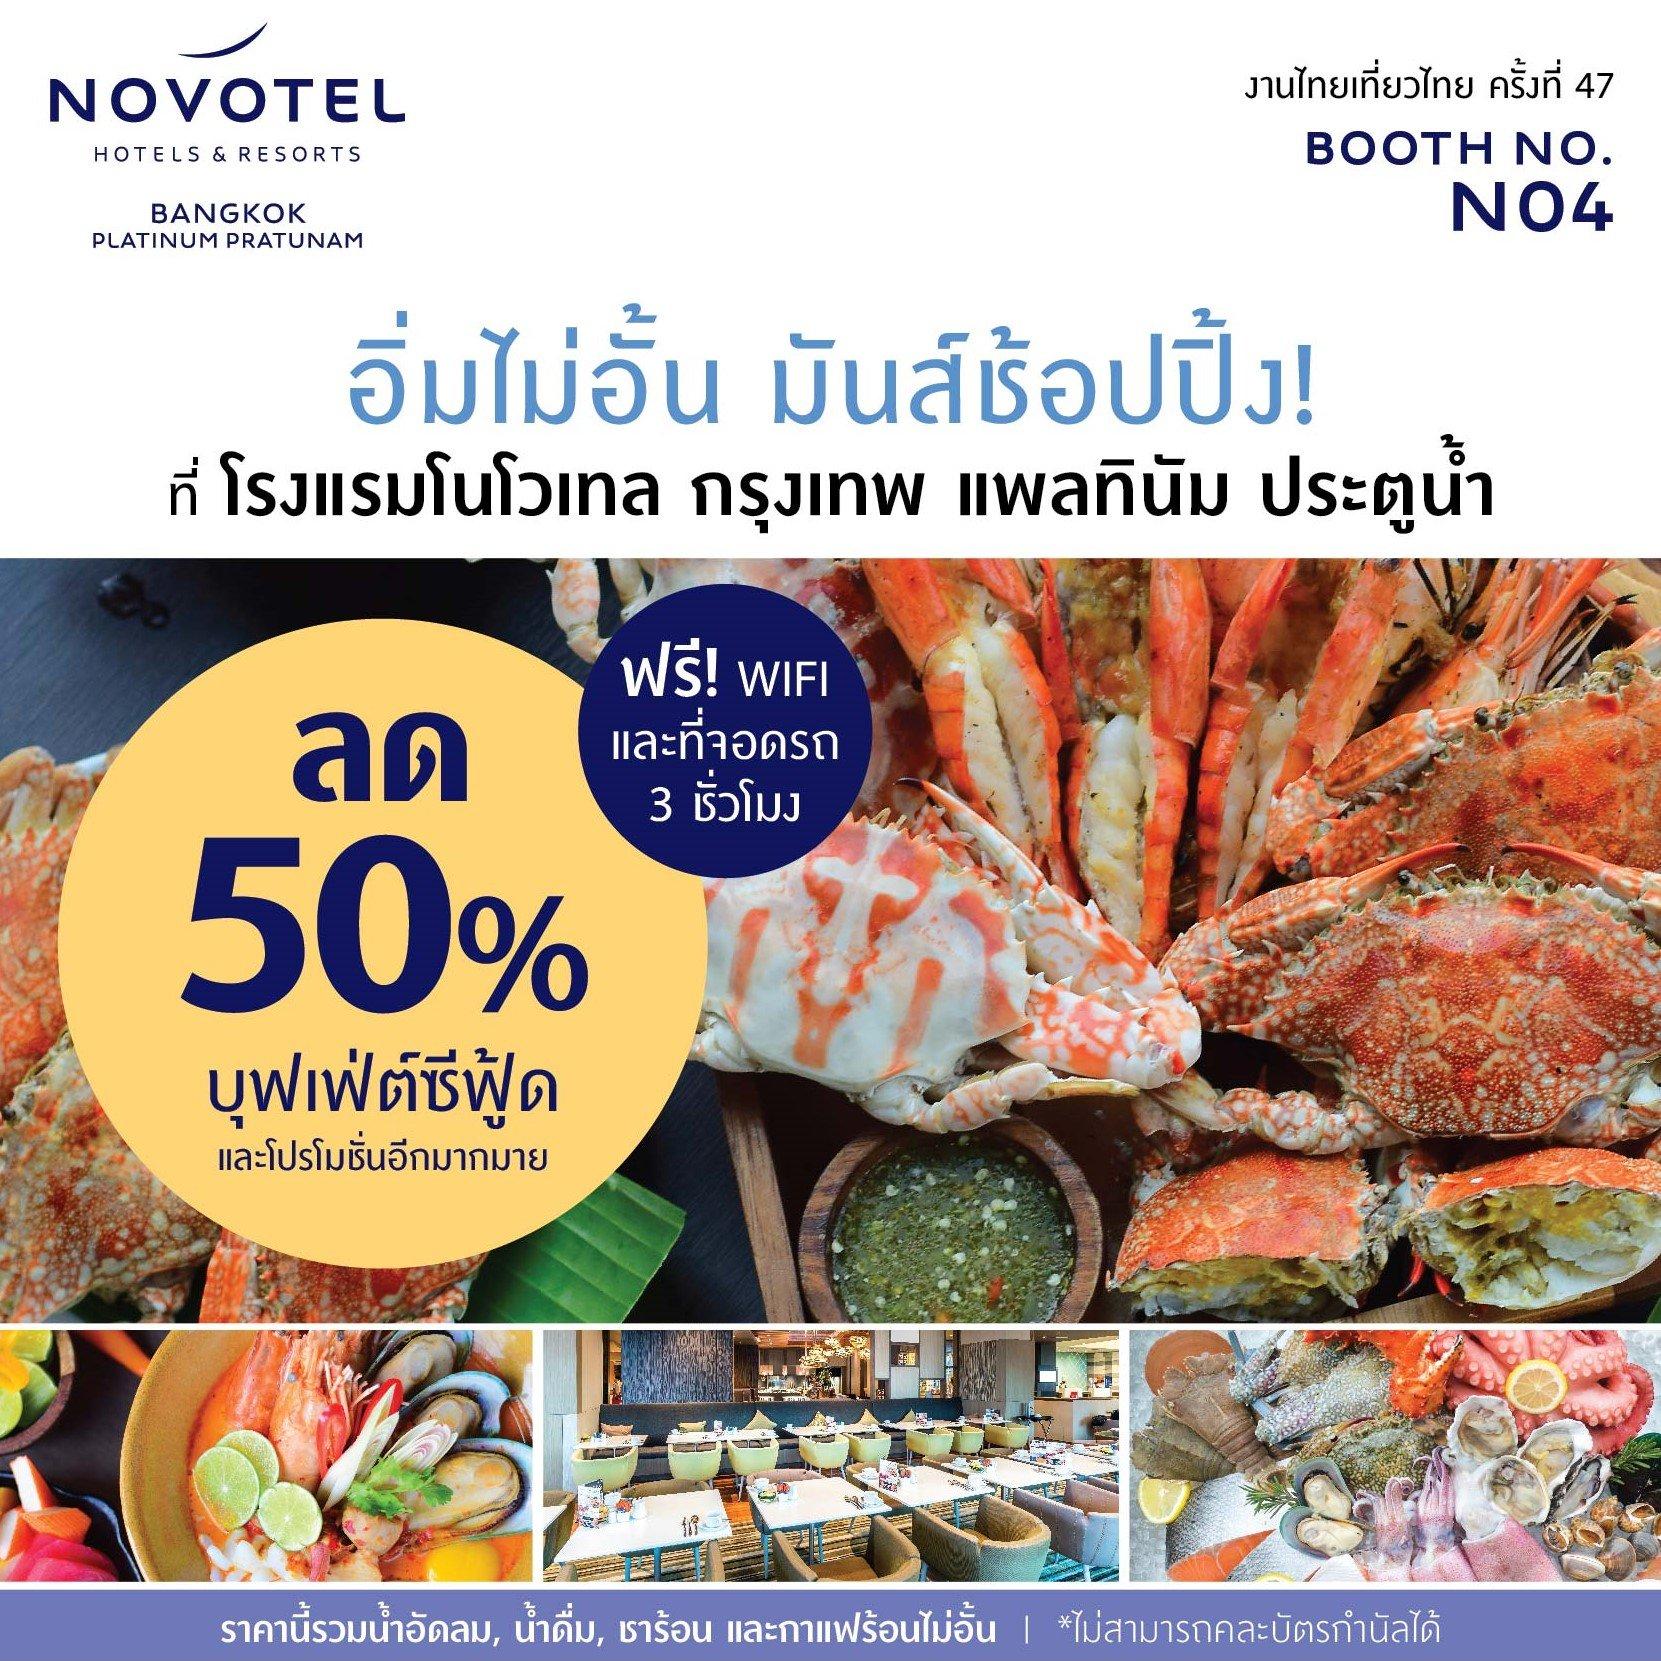 โปรแรงงานไทยเที่ยวไทยครั้งที่47! ลดสูงสุด 50% บุฟเฟ่ต์ที่โนโวเทล กรุงเทพ แพลทินัม ประตูน้ำ 2 -